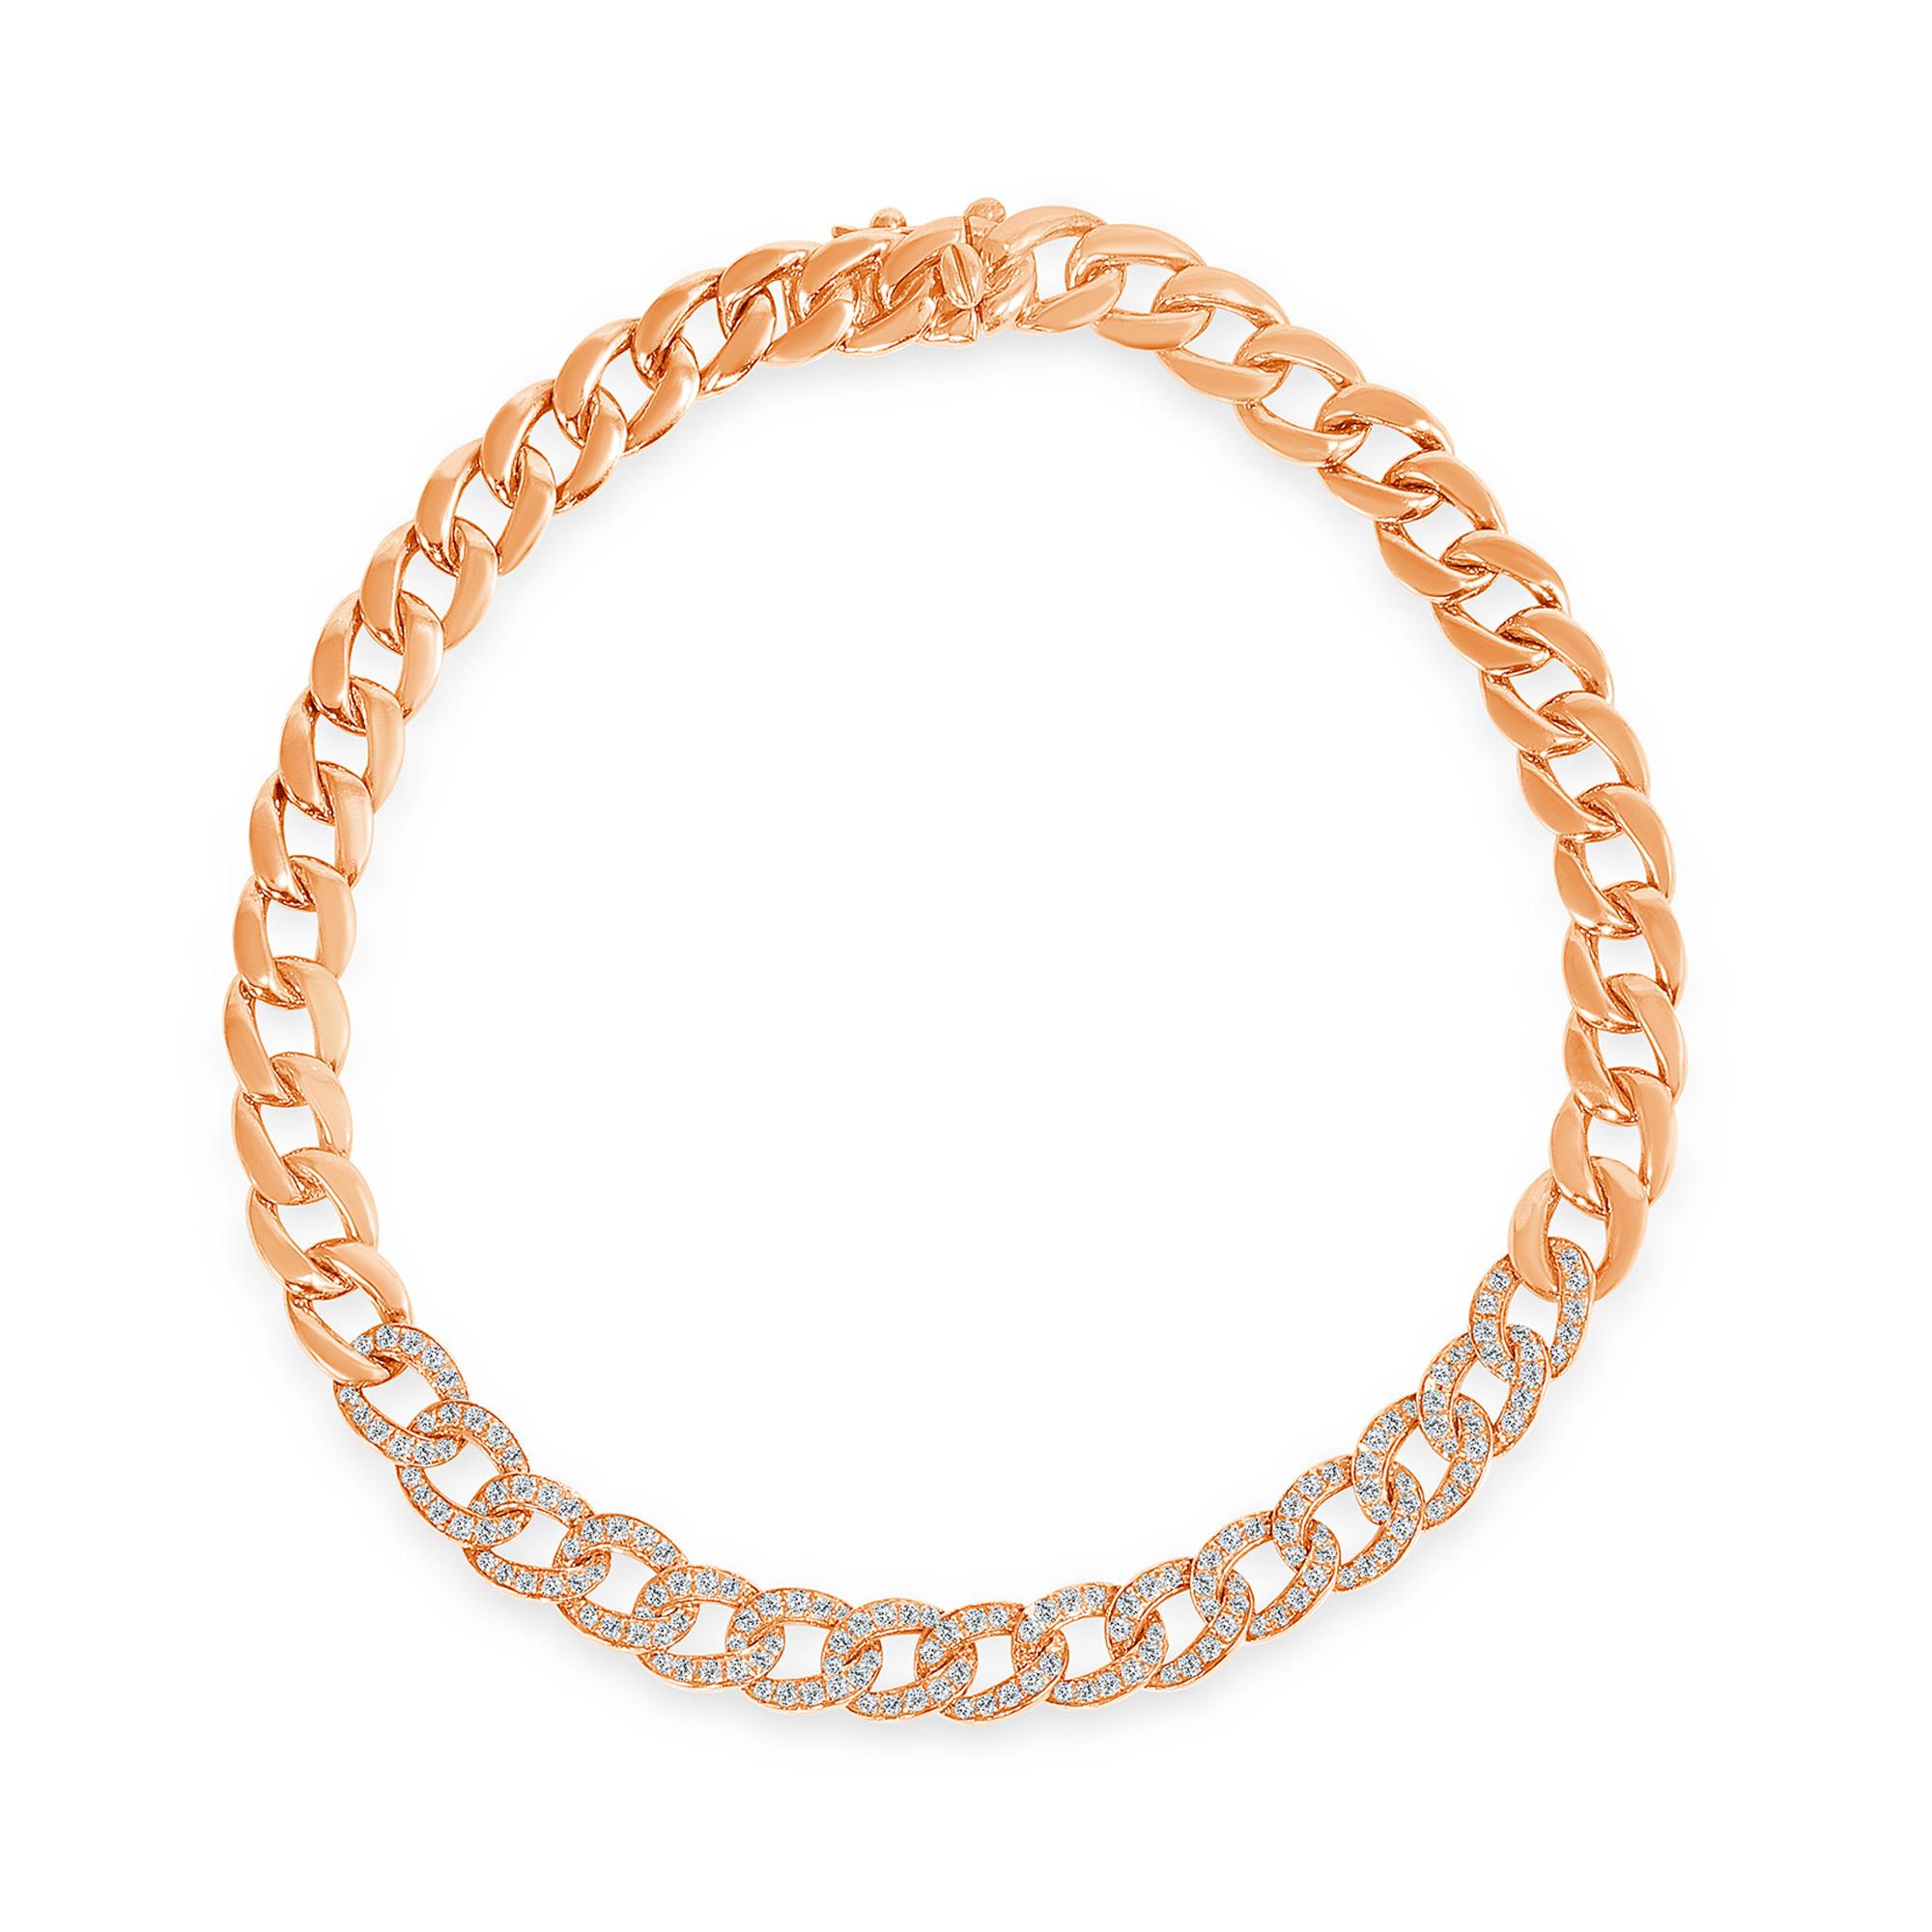 Diamong chain link bracelet rose gold